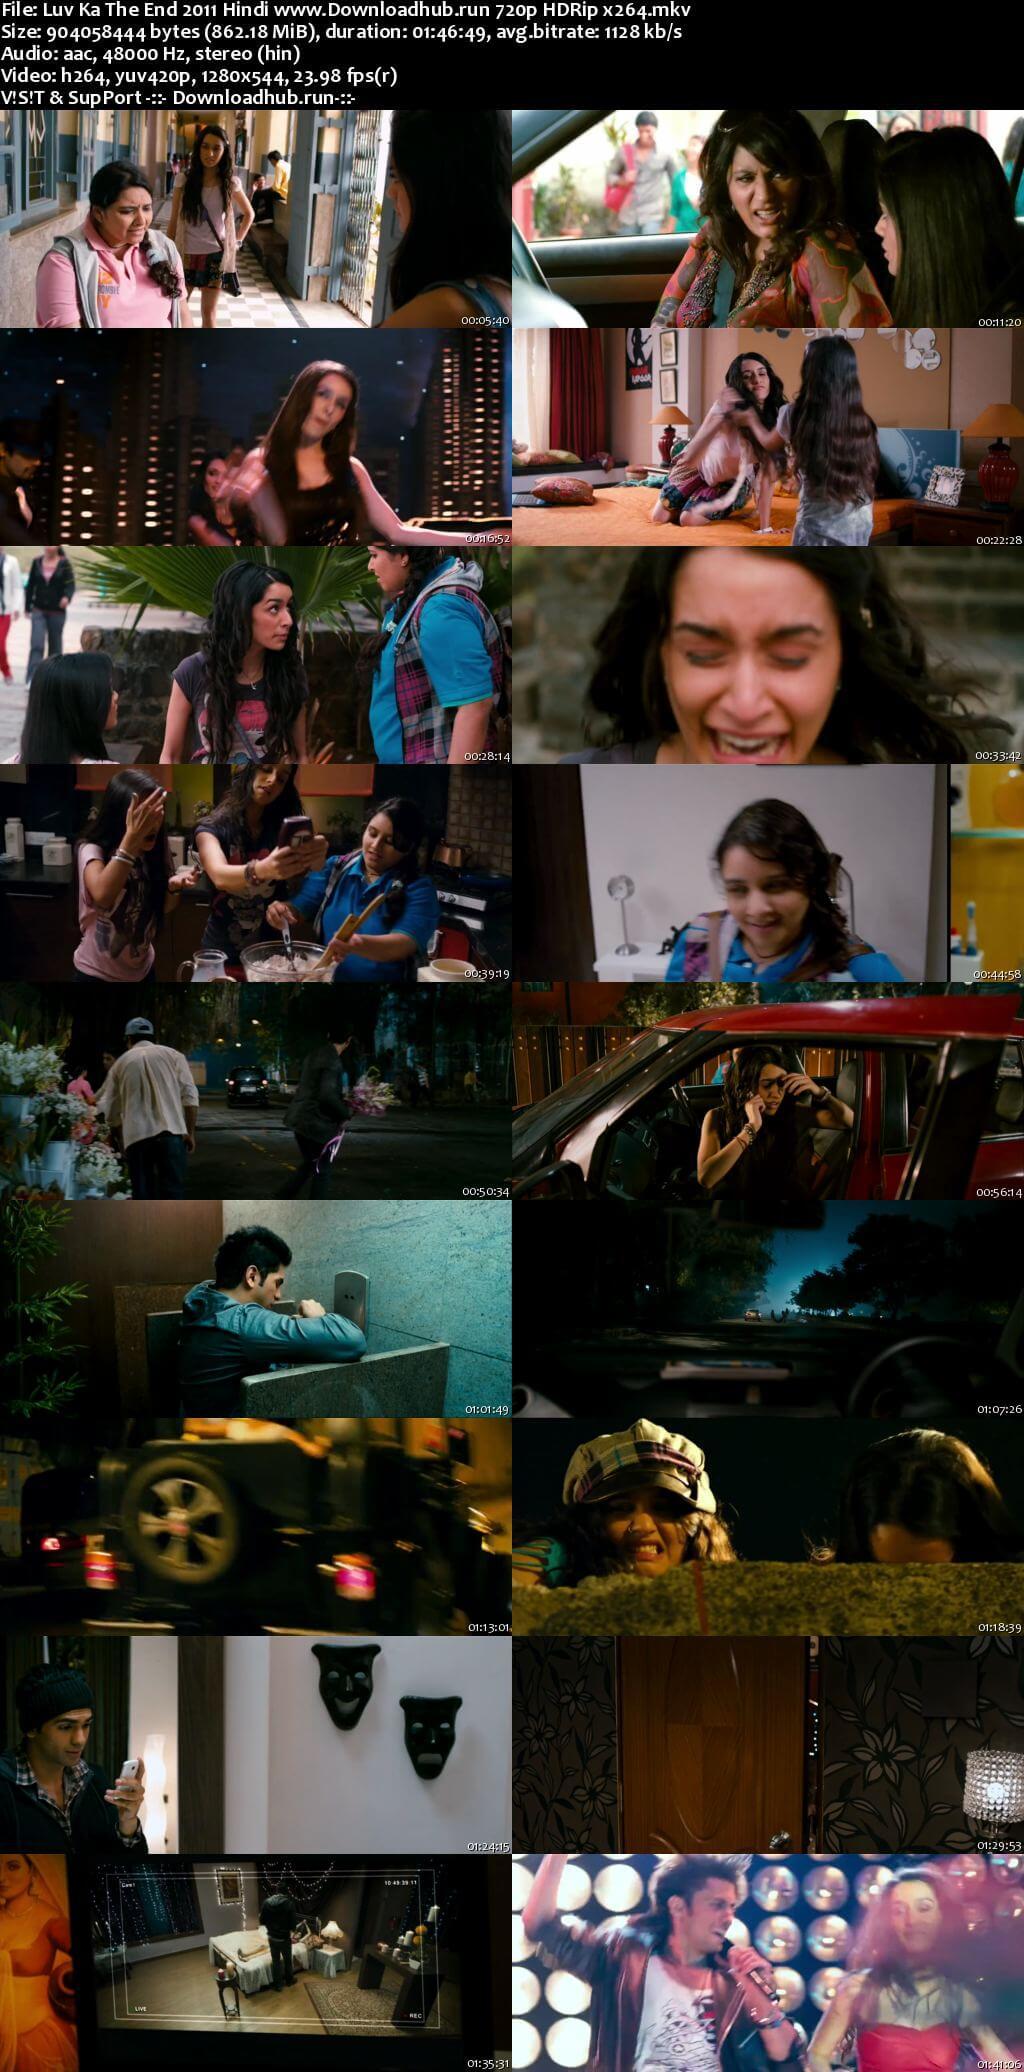 Luv Ka the End 2011 Hindi 720p HDRip x264